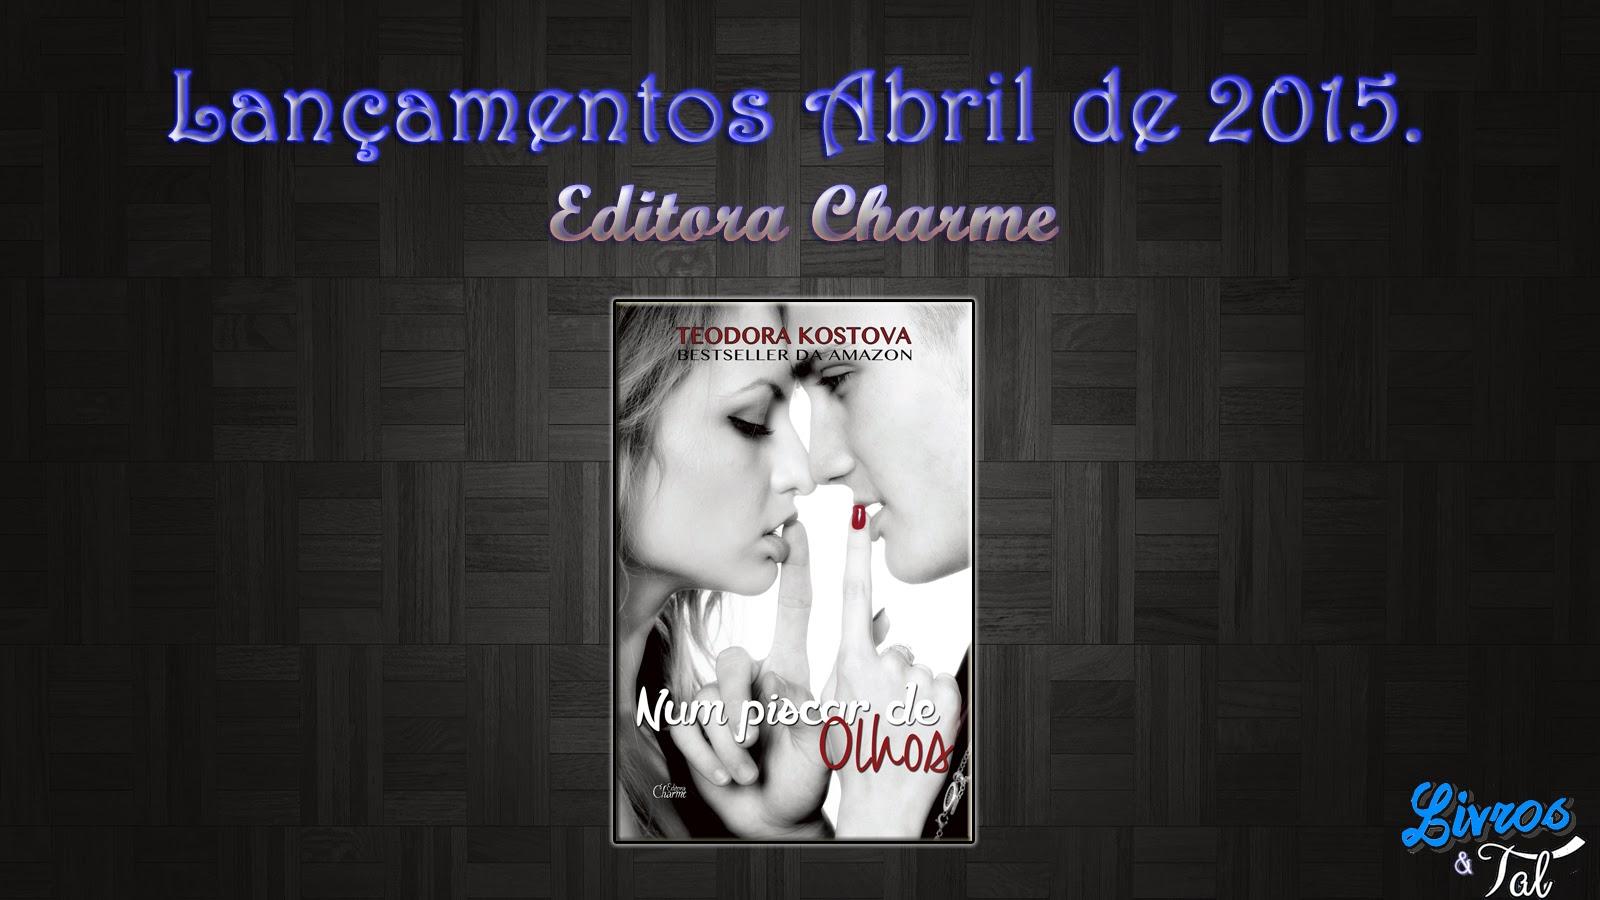 http://livrosetalgroup.blogspot.com.br/p/lancamento-de-abril-editora-charme.html